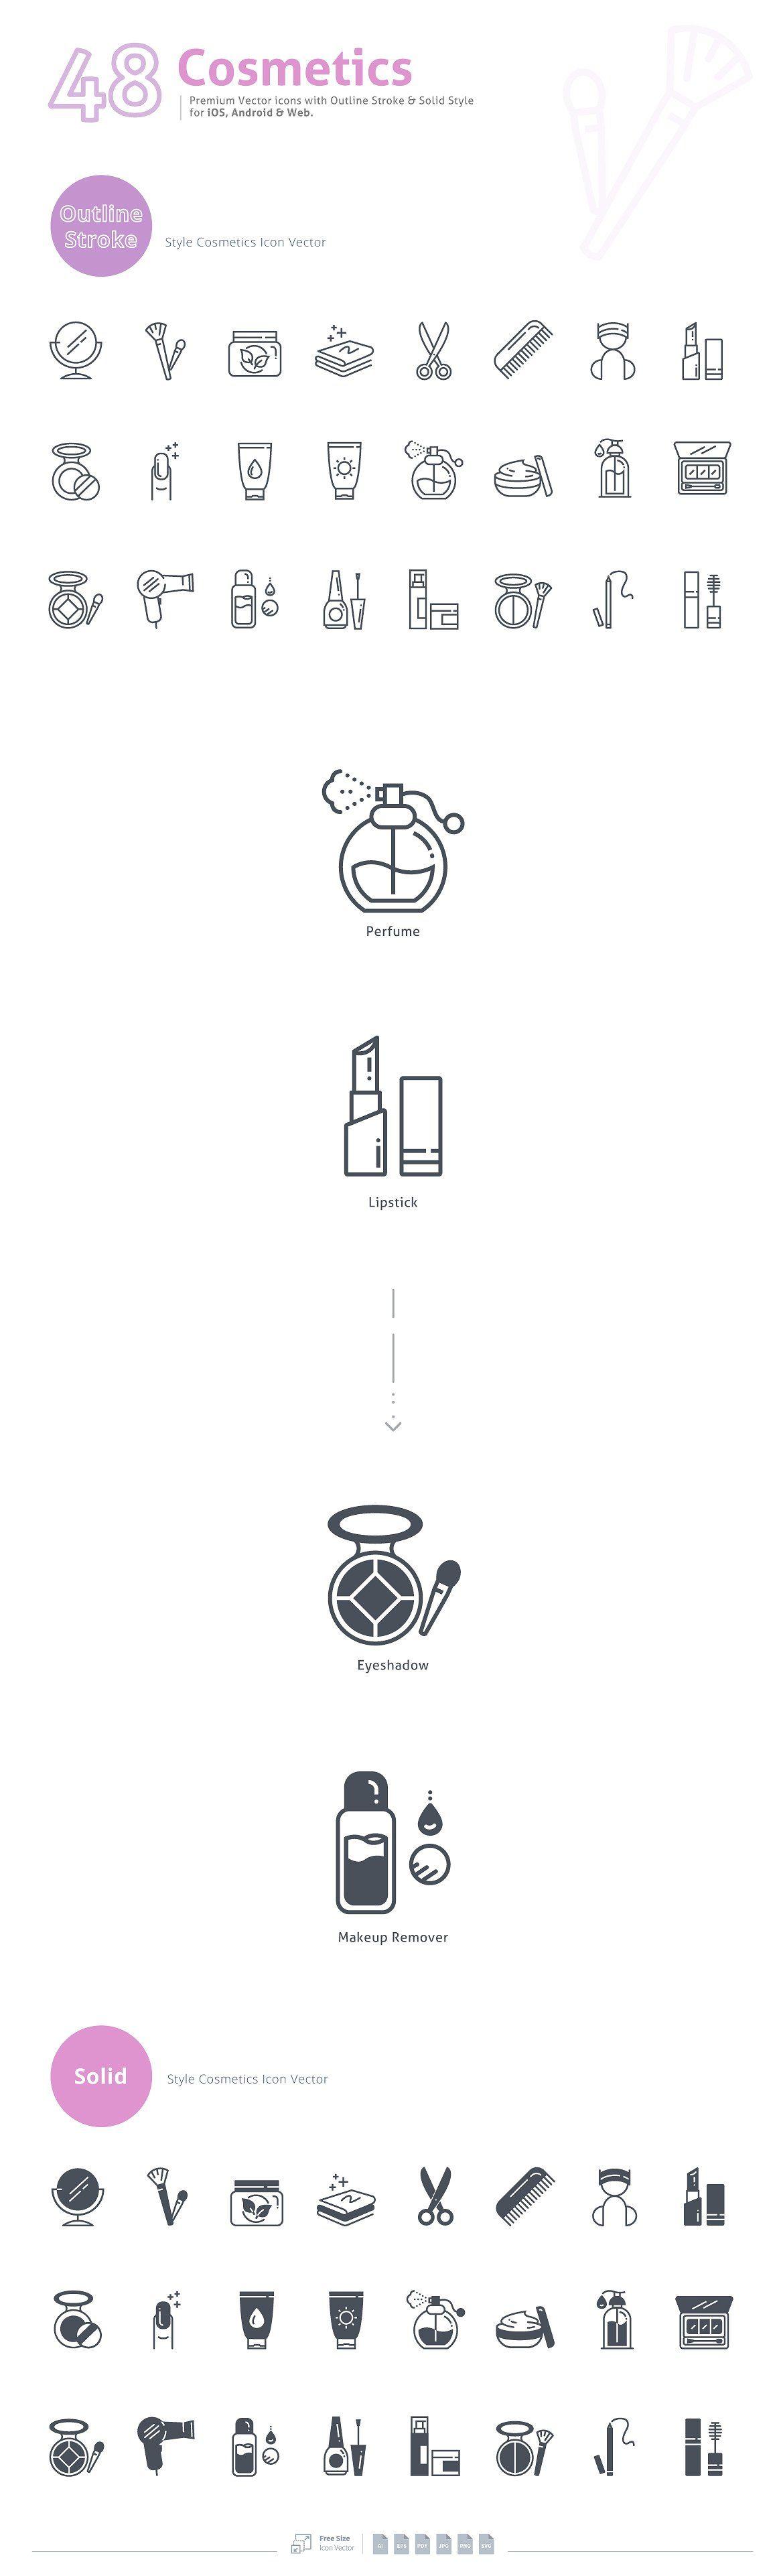 Cosmetics Premium Vector Icons Vector icons, Cosmetic